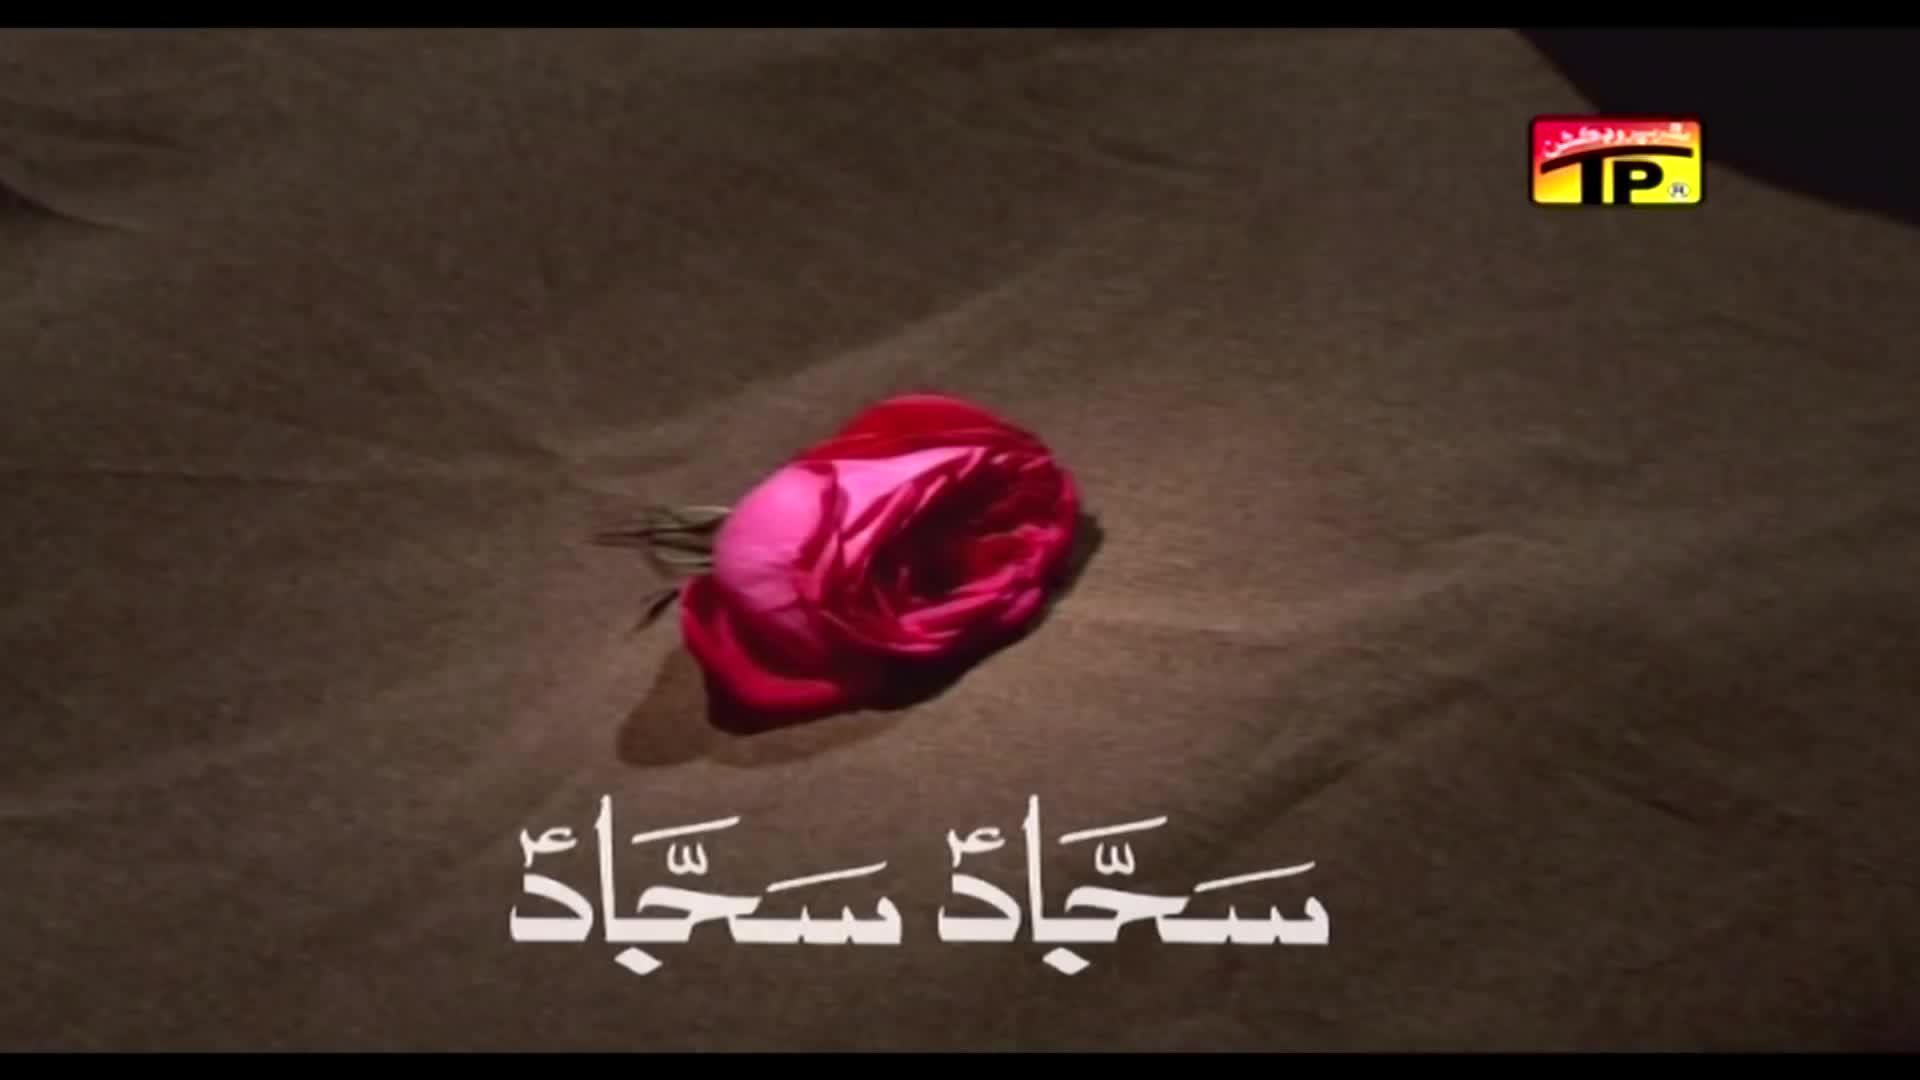 Sajjad Sajjad